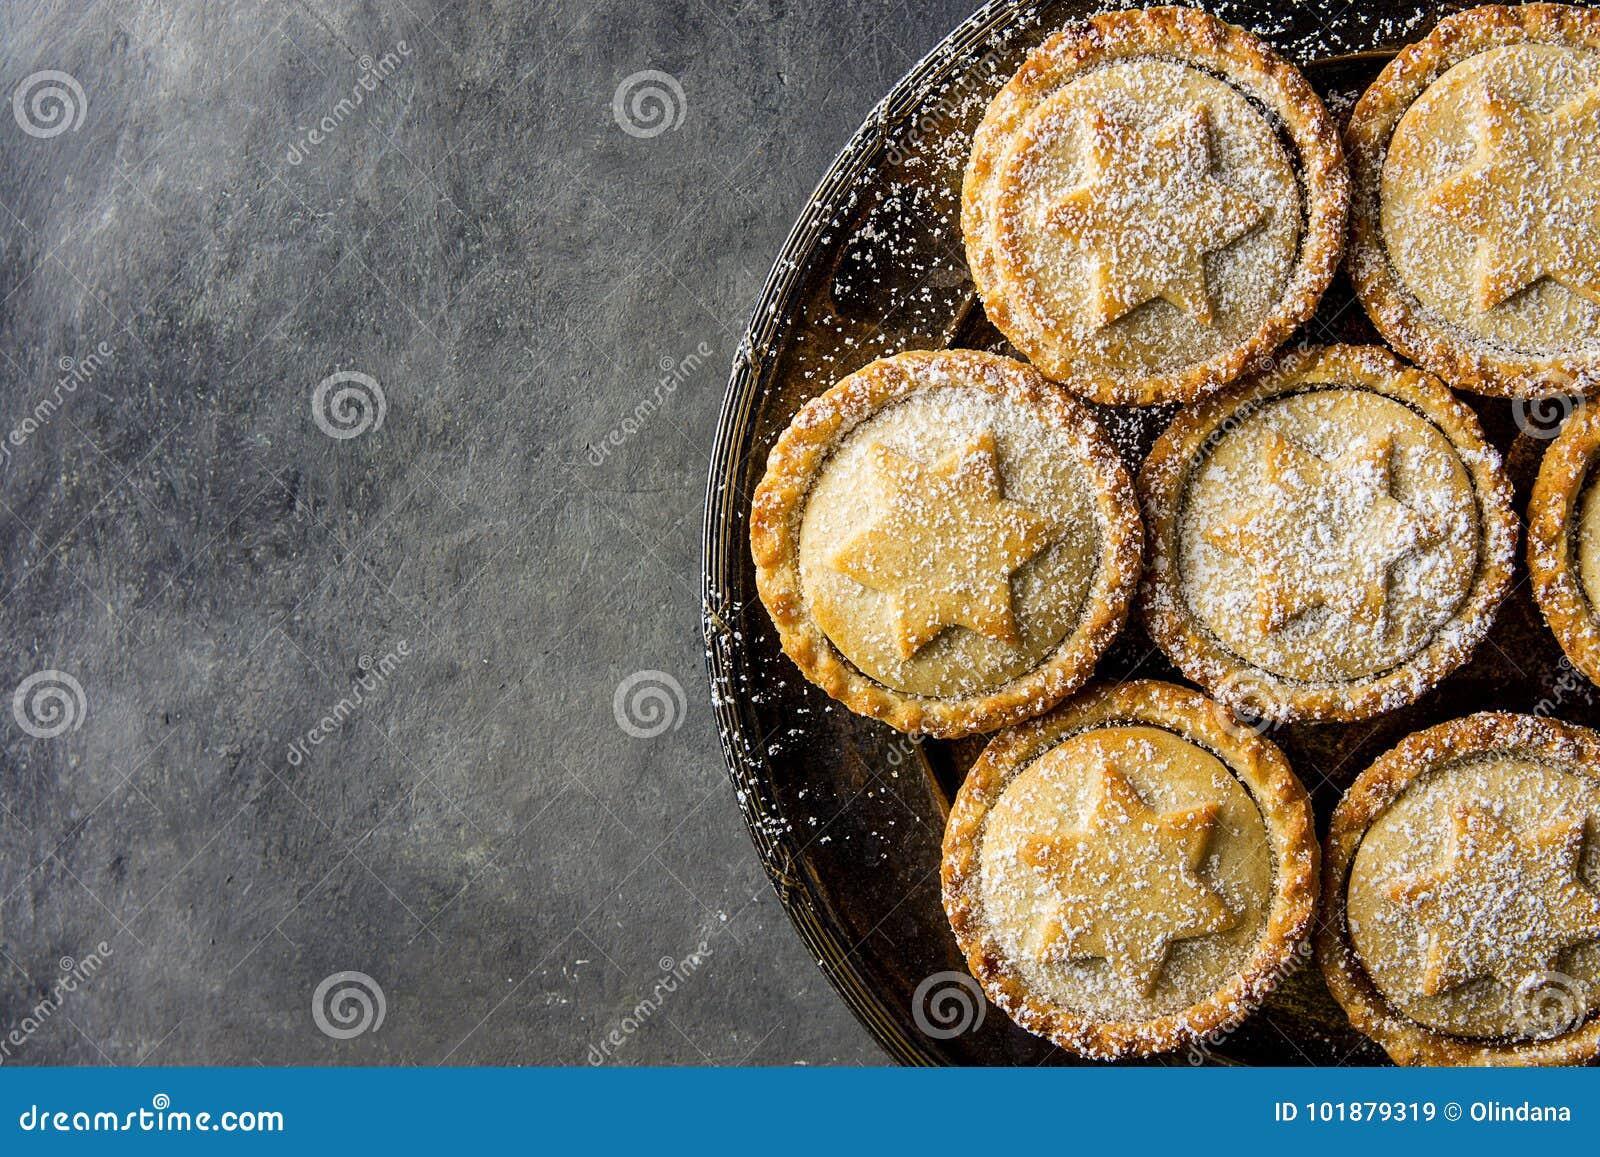 Weihnachtsgebäck Mit Rosinen.Das Traditionelle Britische Weihnachtsgebäck Nachtisch Haus Das